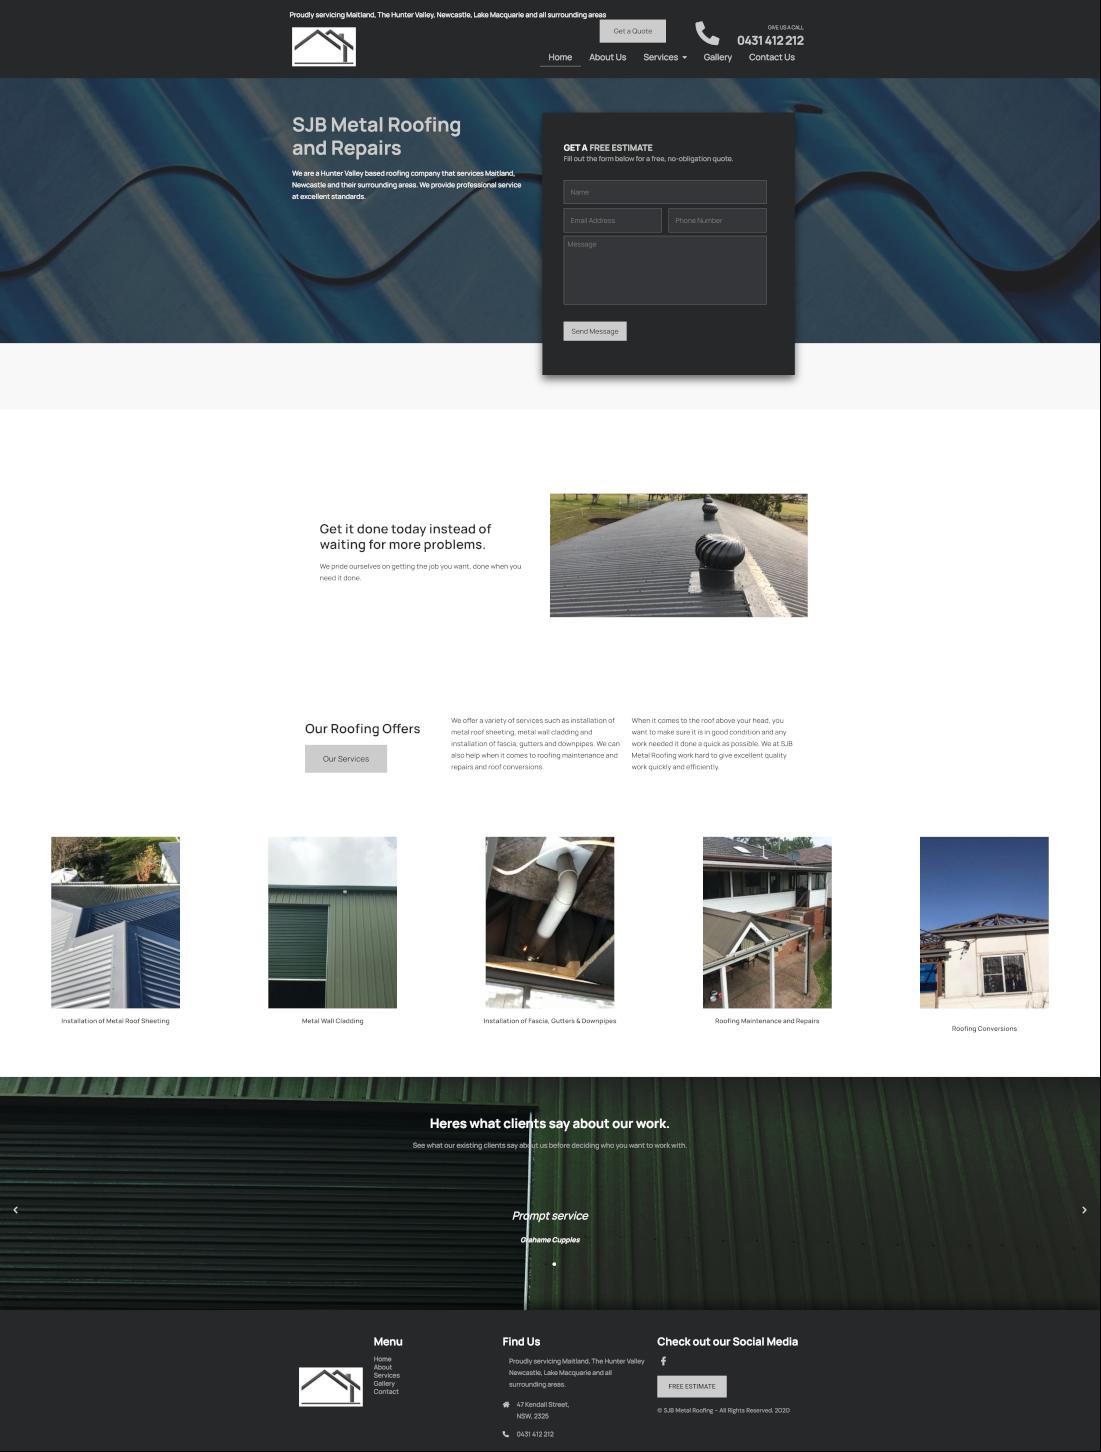 sjbmetalroofing full homepage